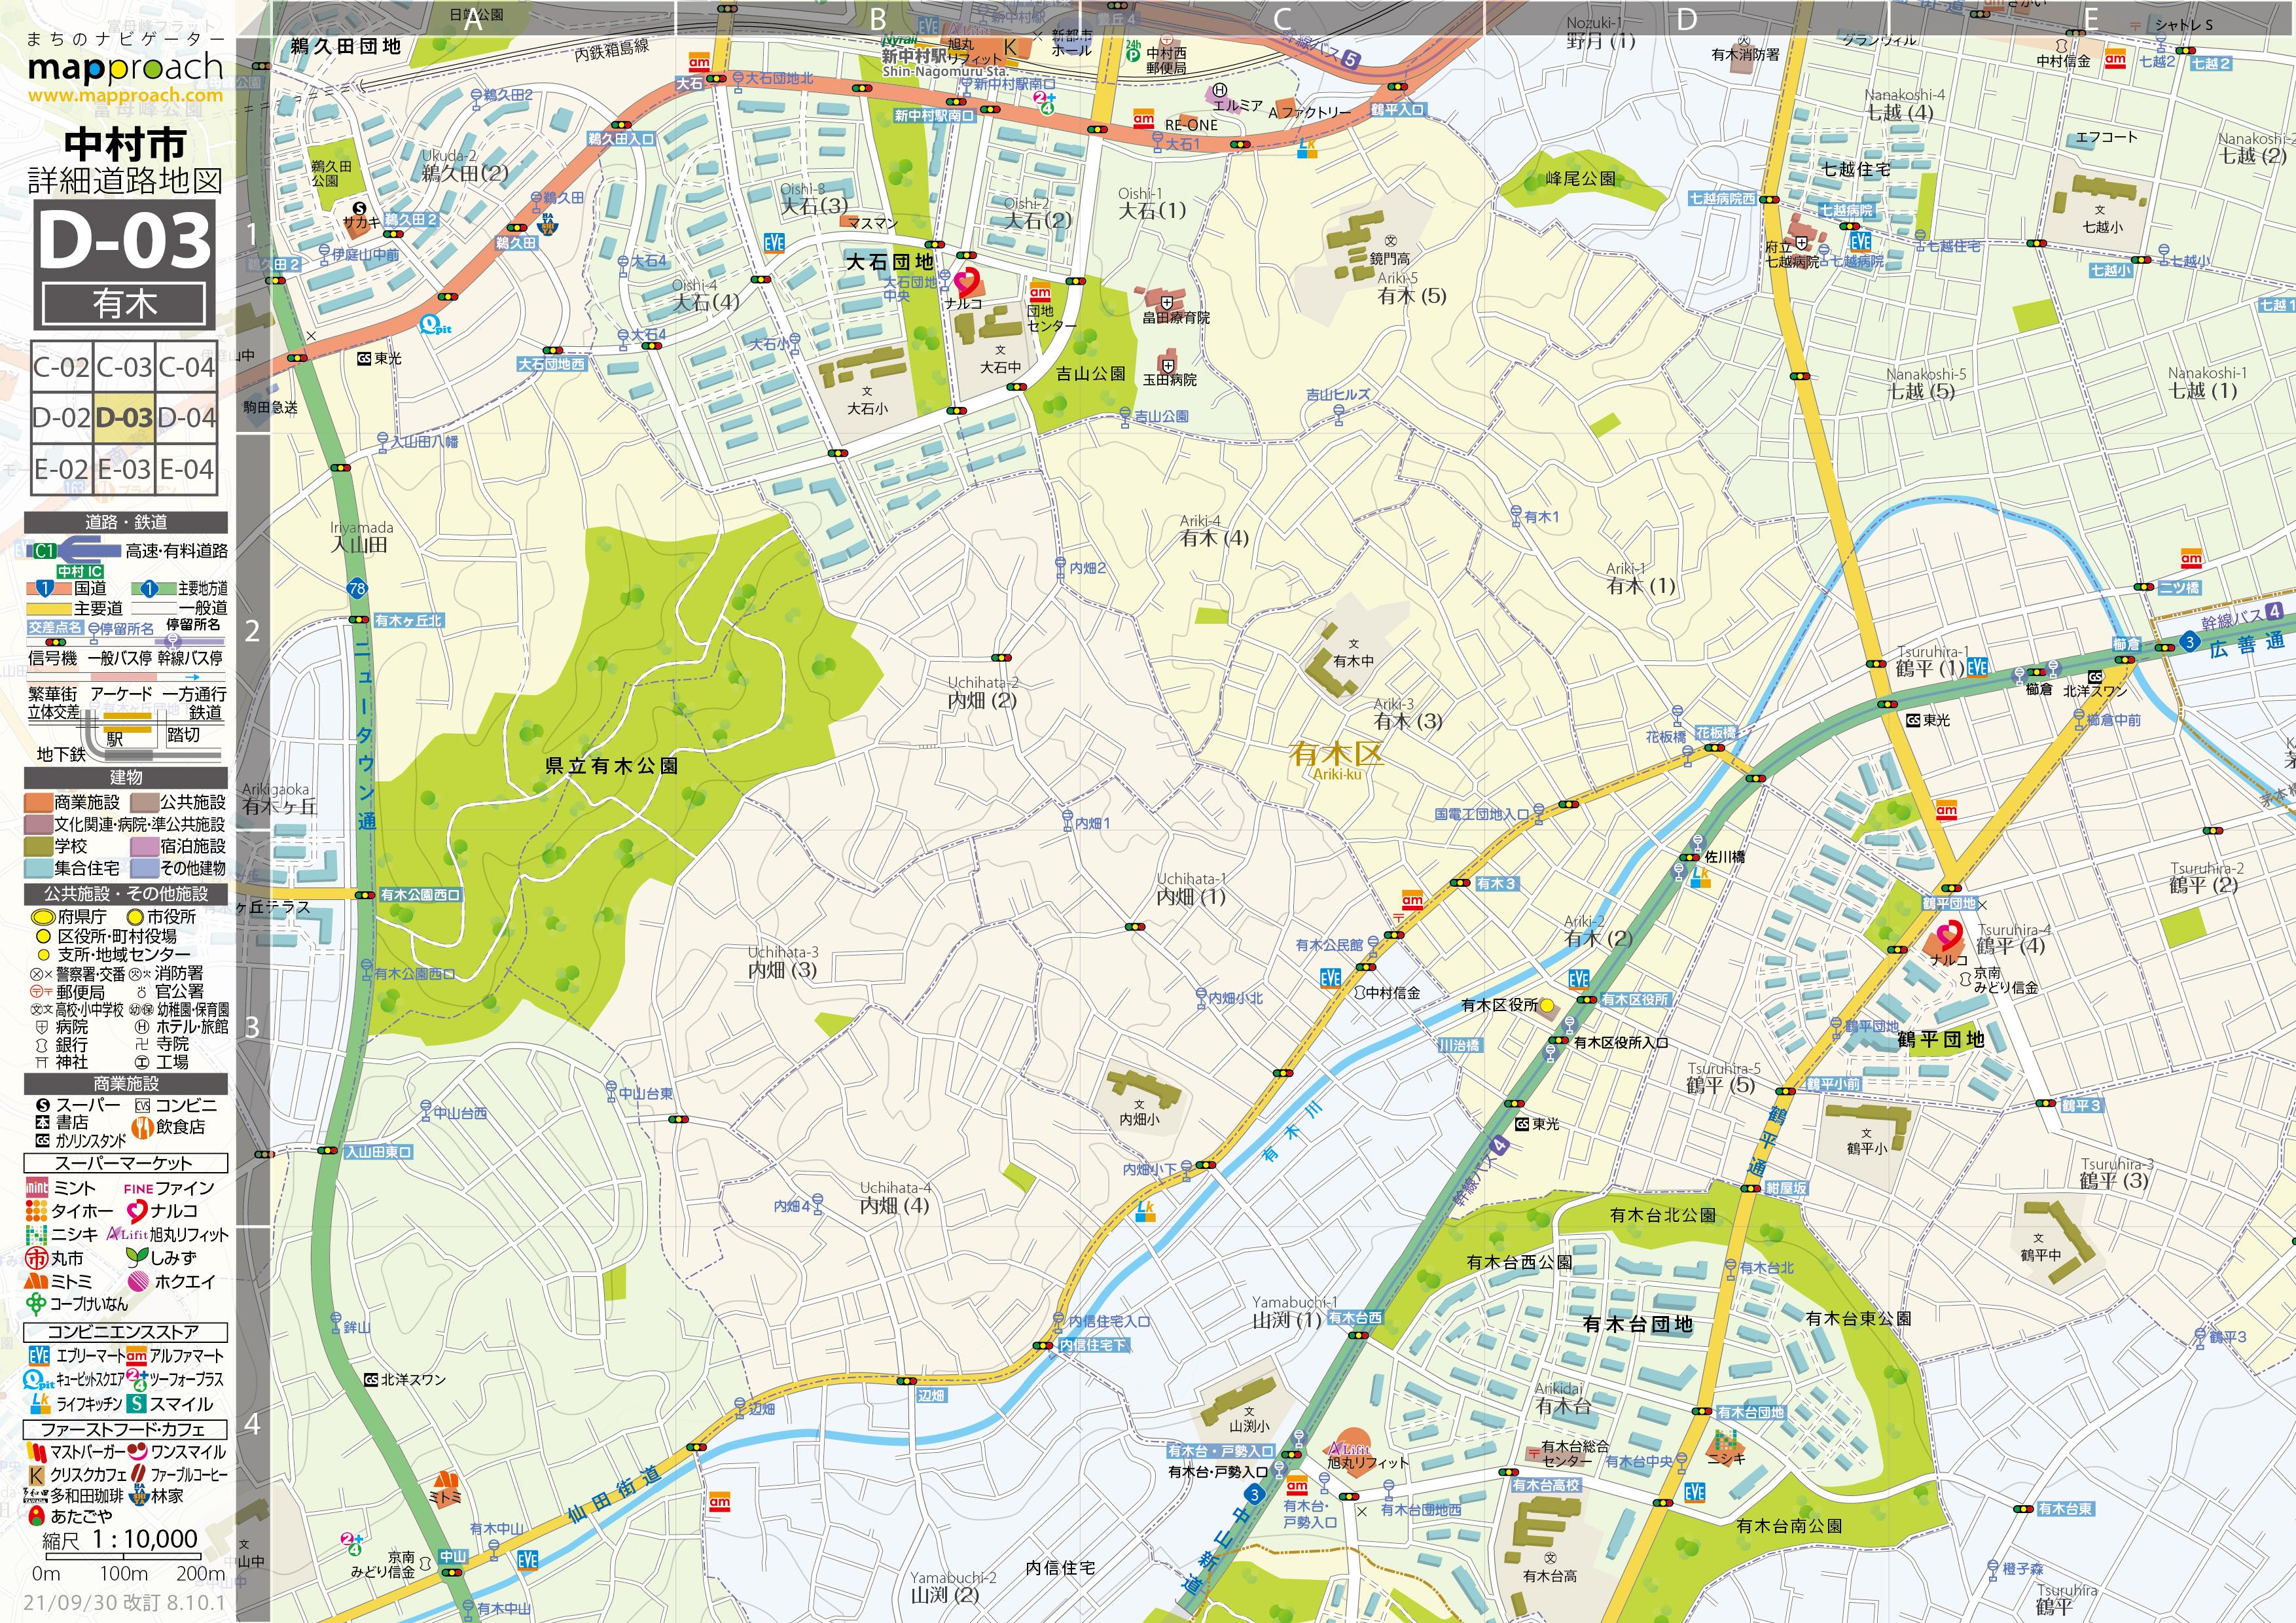 D-03 有木 地図拡大